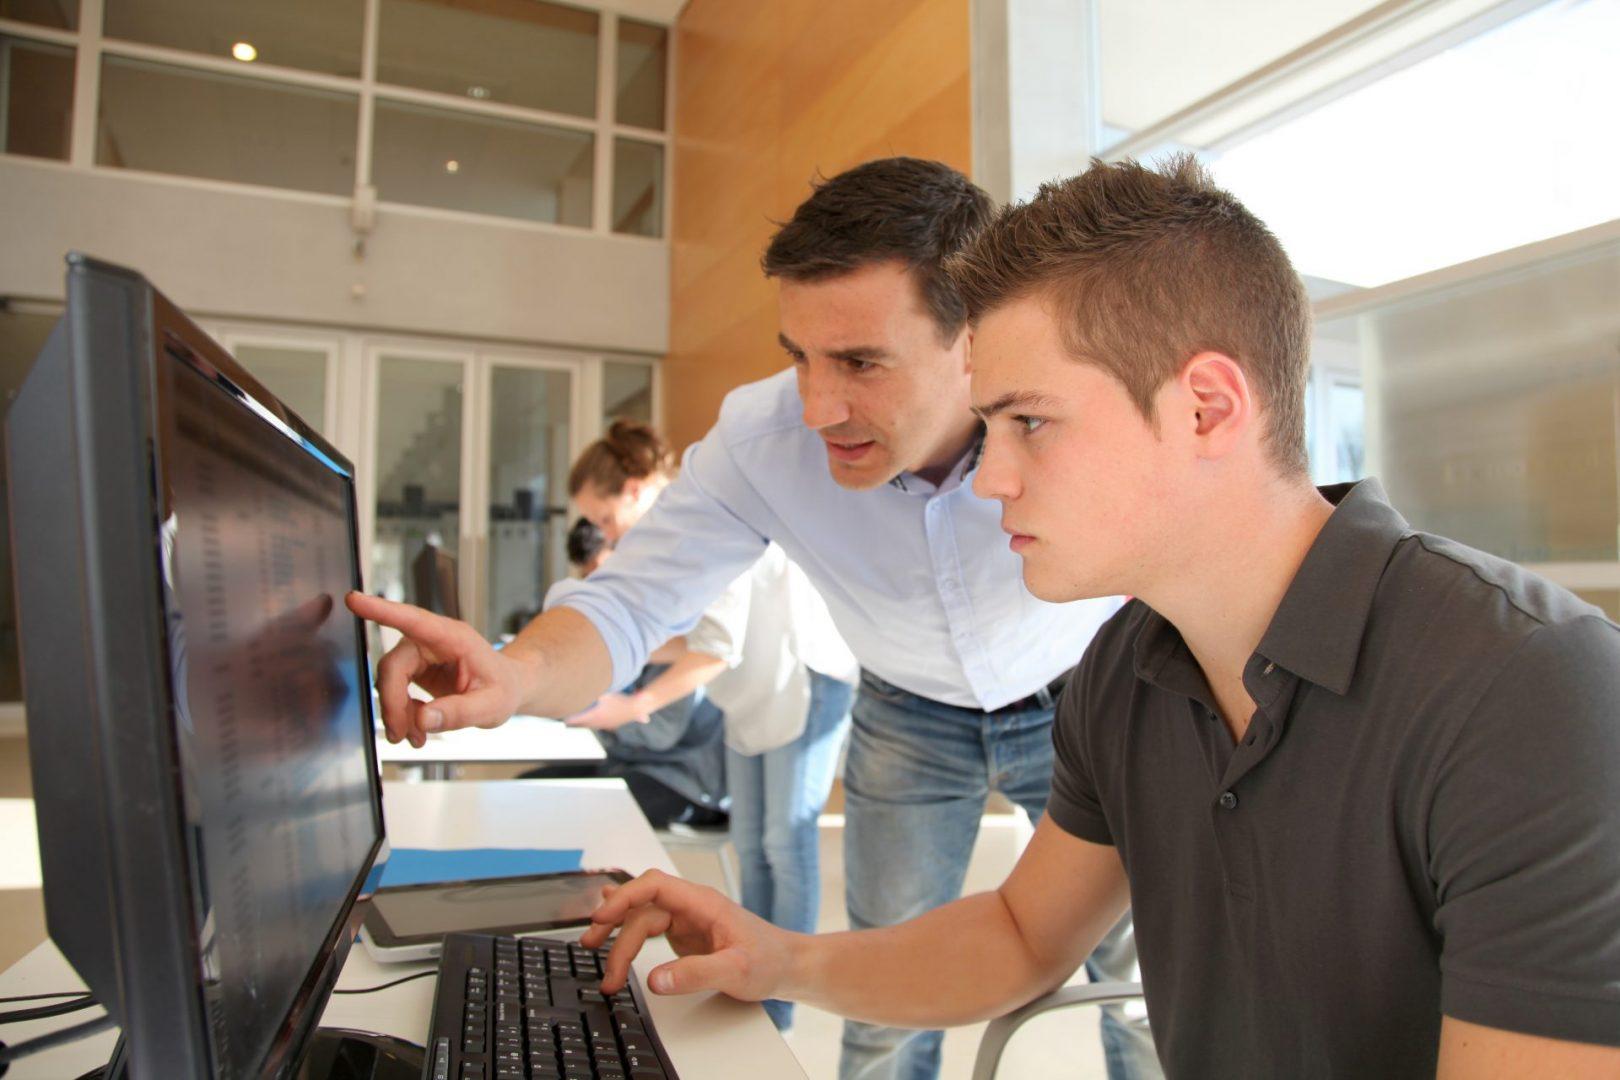 Adult Digital Skills Courses